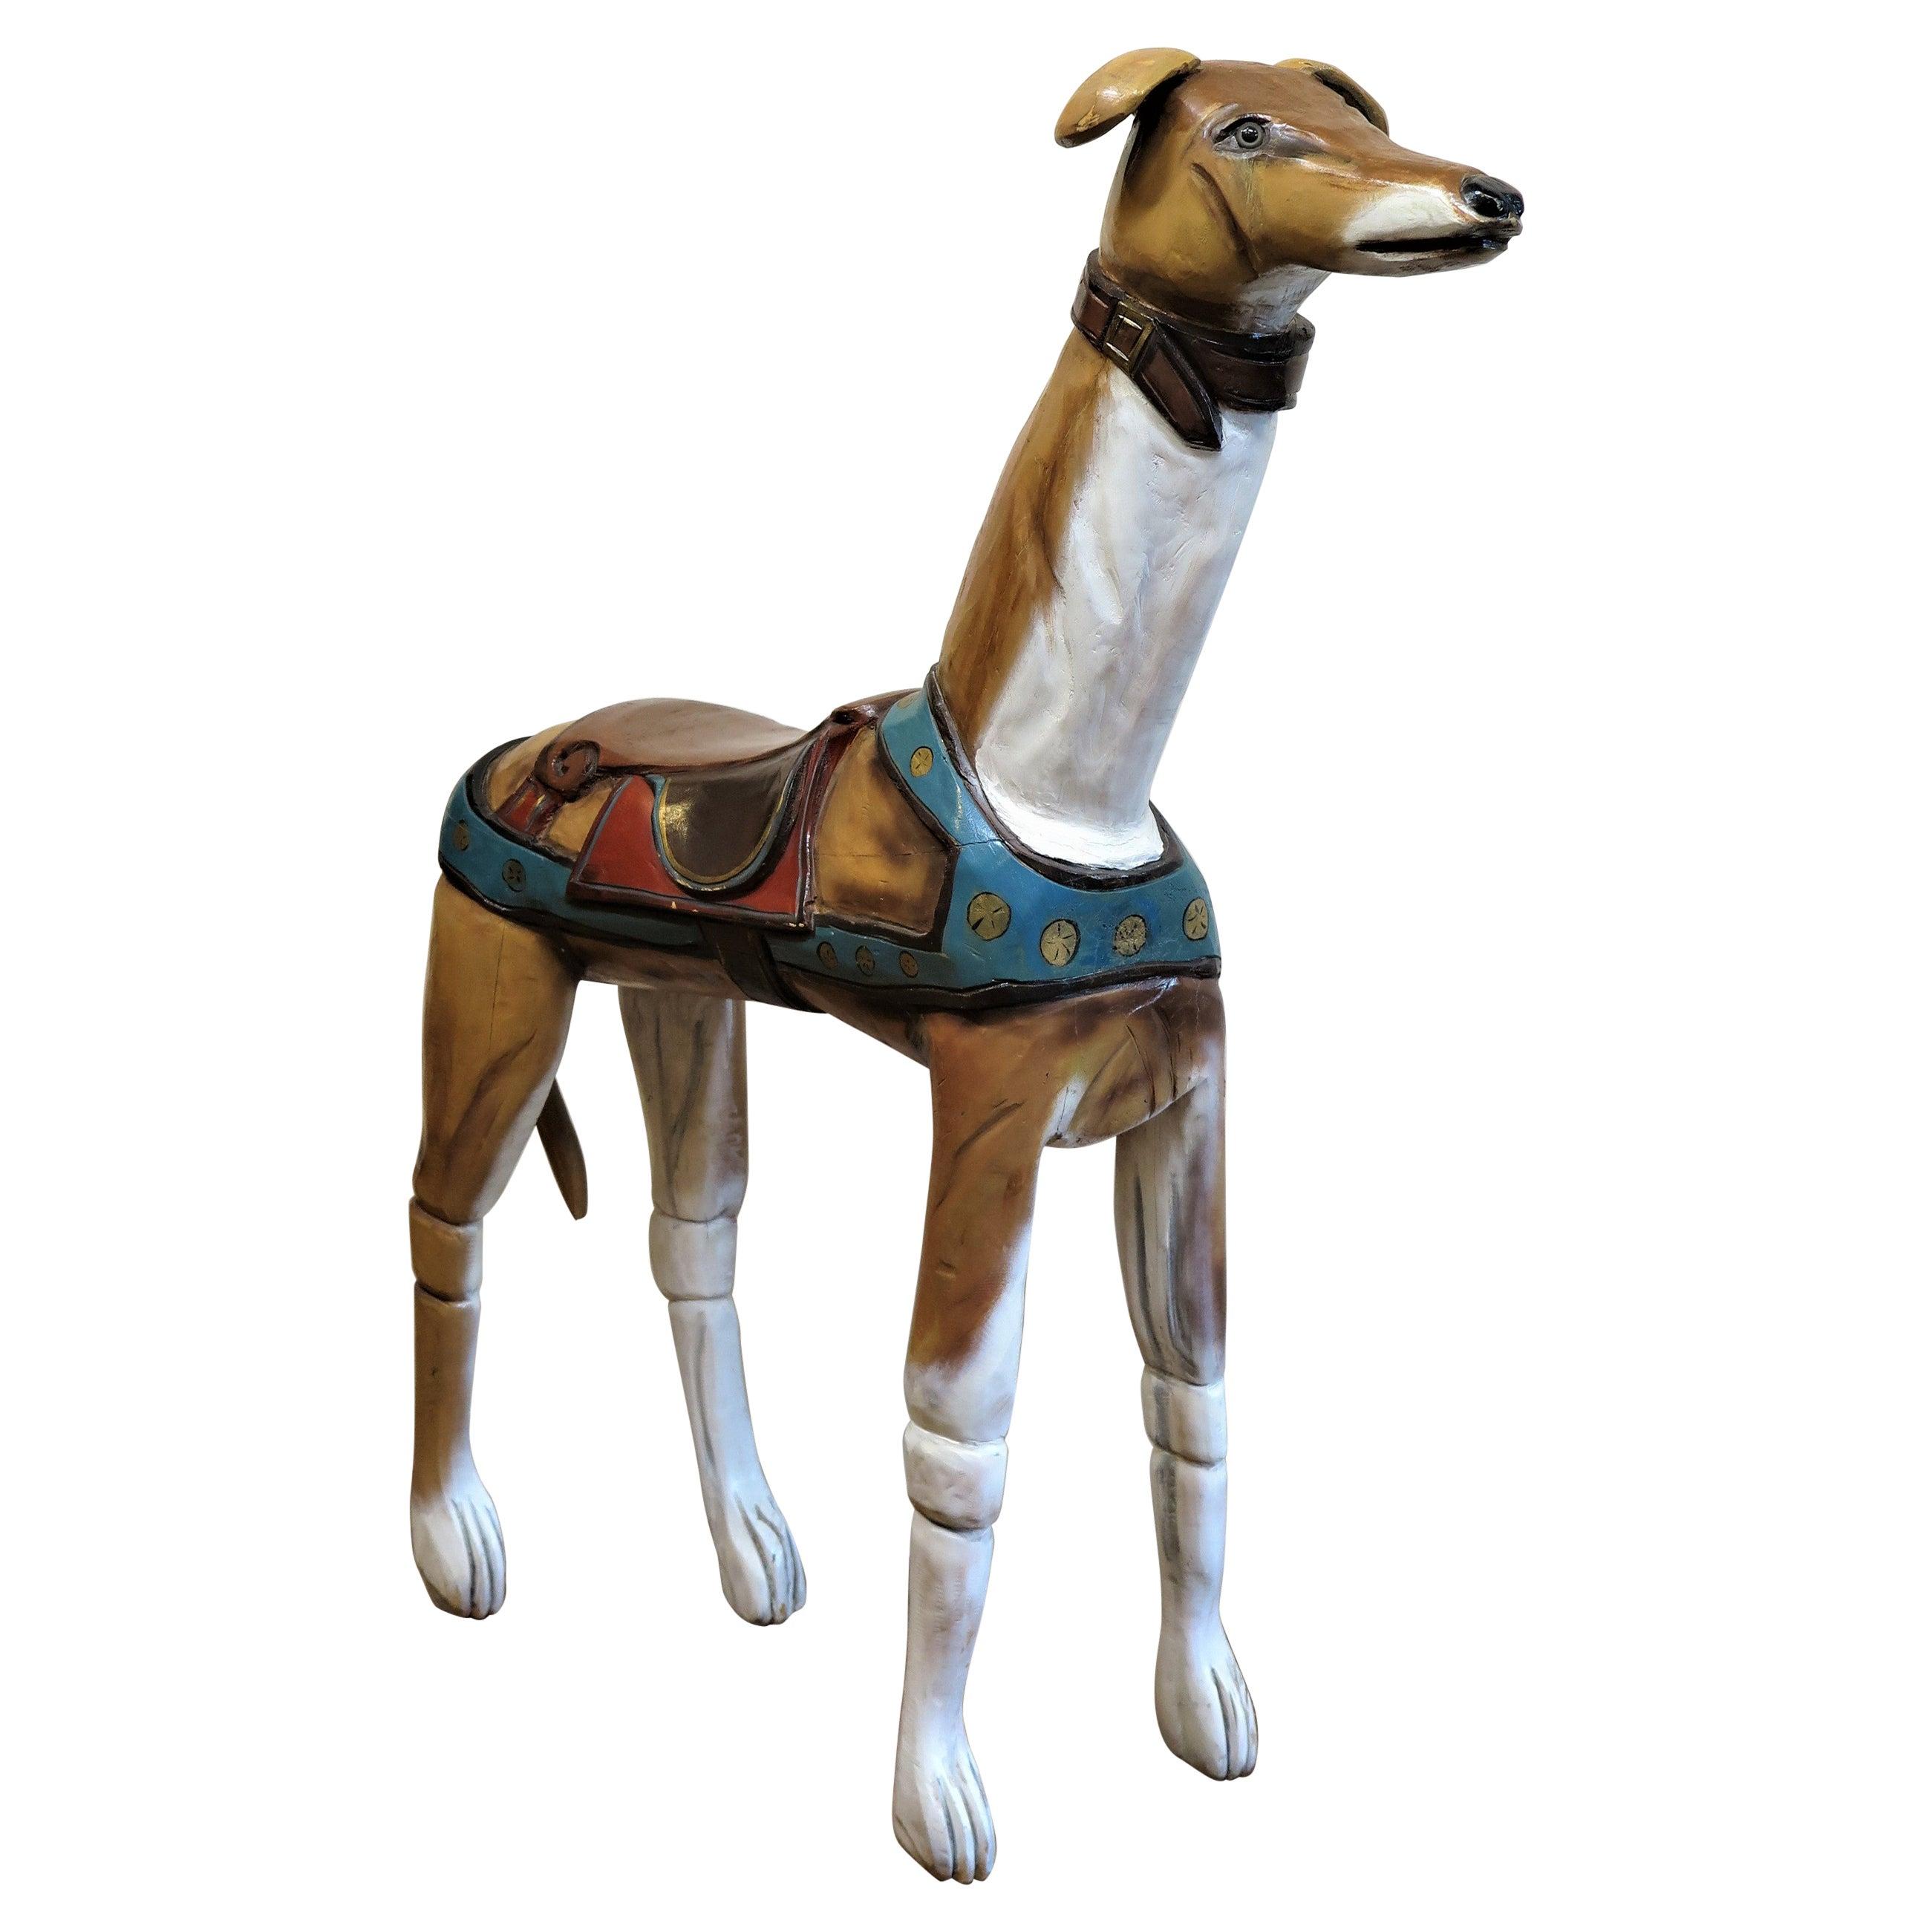 Folk Art Dog Sculpture